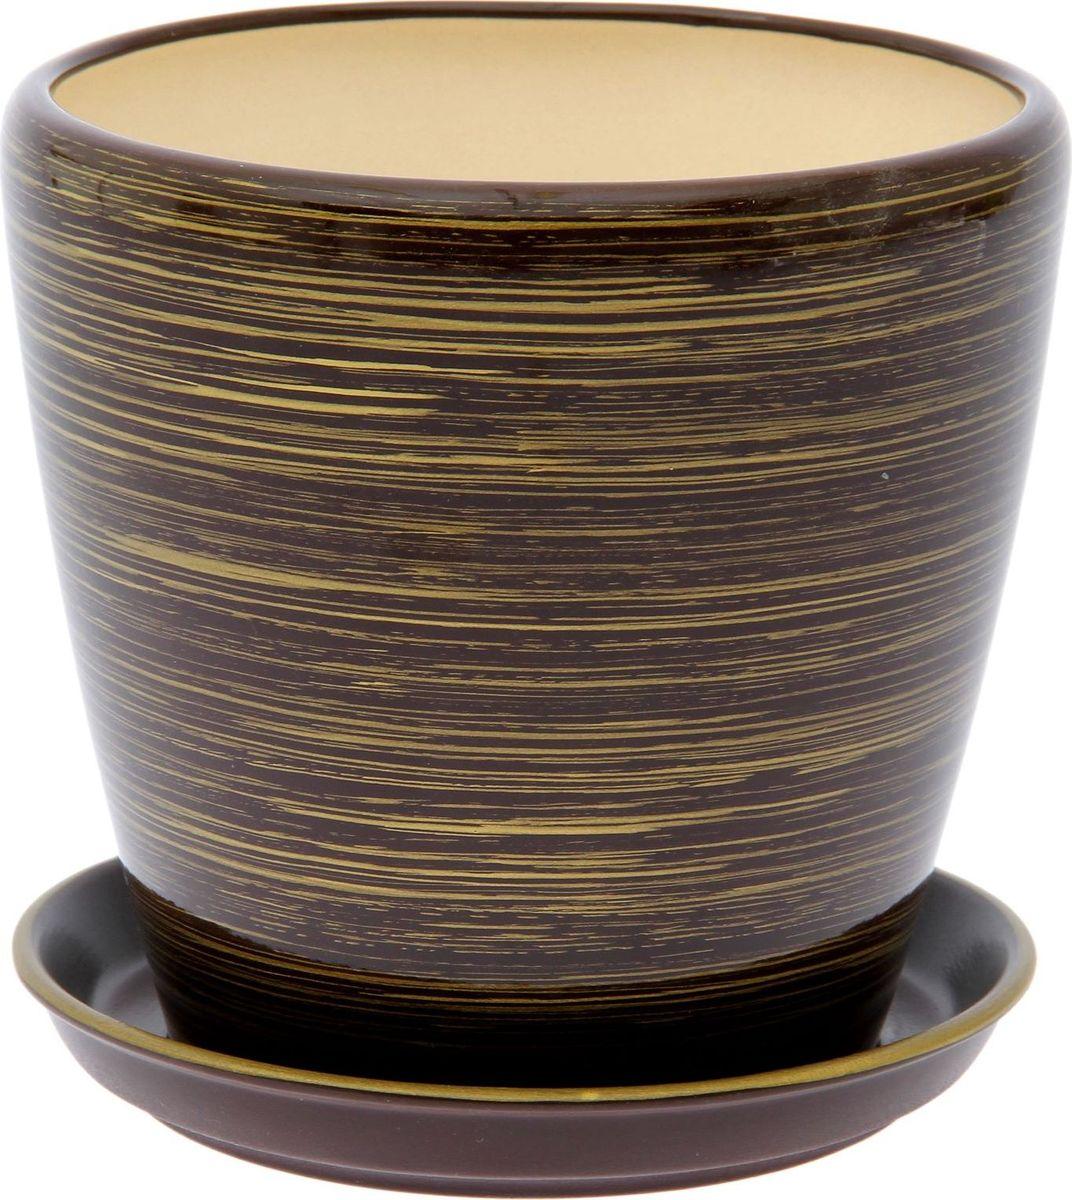 Кашпо Керамика ручной работы Грация. Глянец, цвет: шоколадный, золотой, 30 л1489637Комнатные растения — всеобщие любимцы. Они радуют глаз, насыщают помещение кислородом и украшают пространство. Каждому из них необходим свой удобный и красивый дом. Кашпо из керамики прекрасно подходят для высадки растений: за счёт пластичности глины и разных способов обработки существует великое множество форм и дизайновпористый материал позволяет испаряться лишней влагевоздух, необходимый для дыхания корней, проникает сквозь керамические стенки! #name# позаботится о зелёном питомце, освежит интерьер и подчеркнёт его стиль.